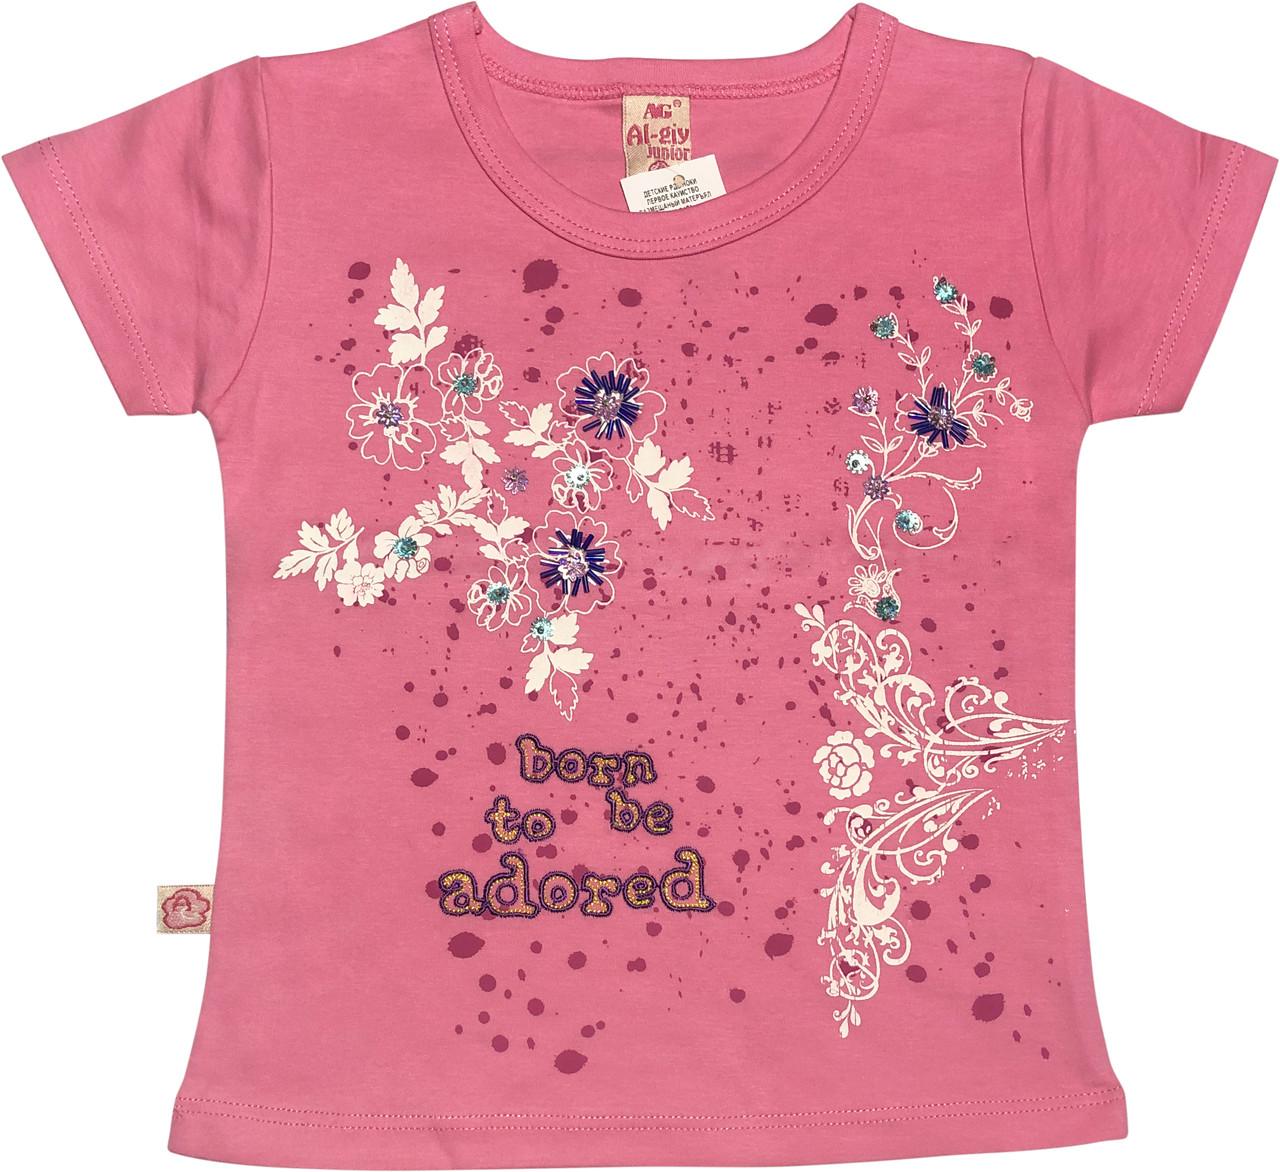 Детская футболка на девочку рост 104 3-4 года для детей красивая стильная нарядная трикотажная розовая